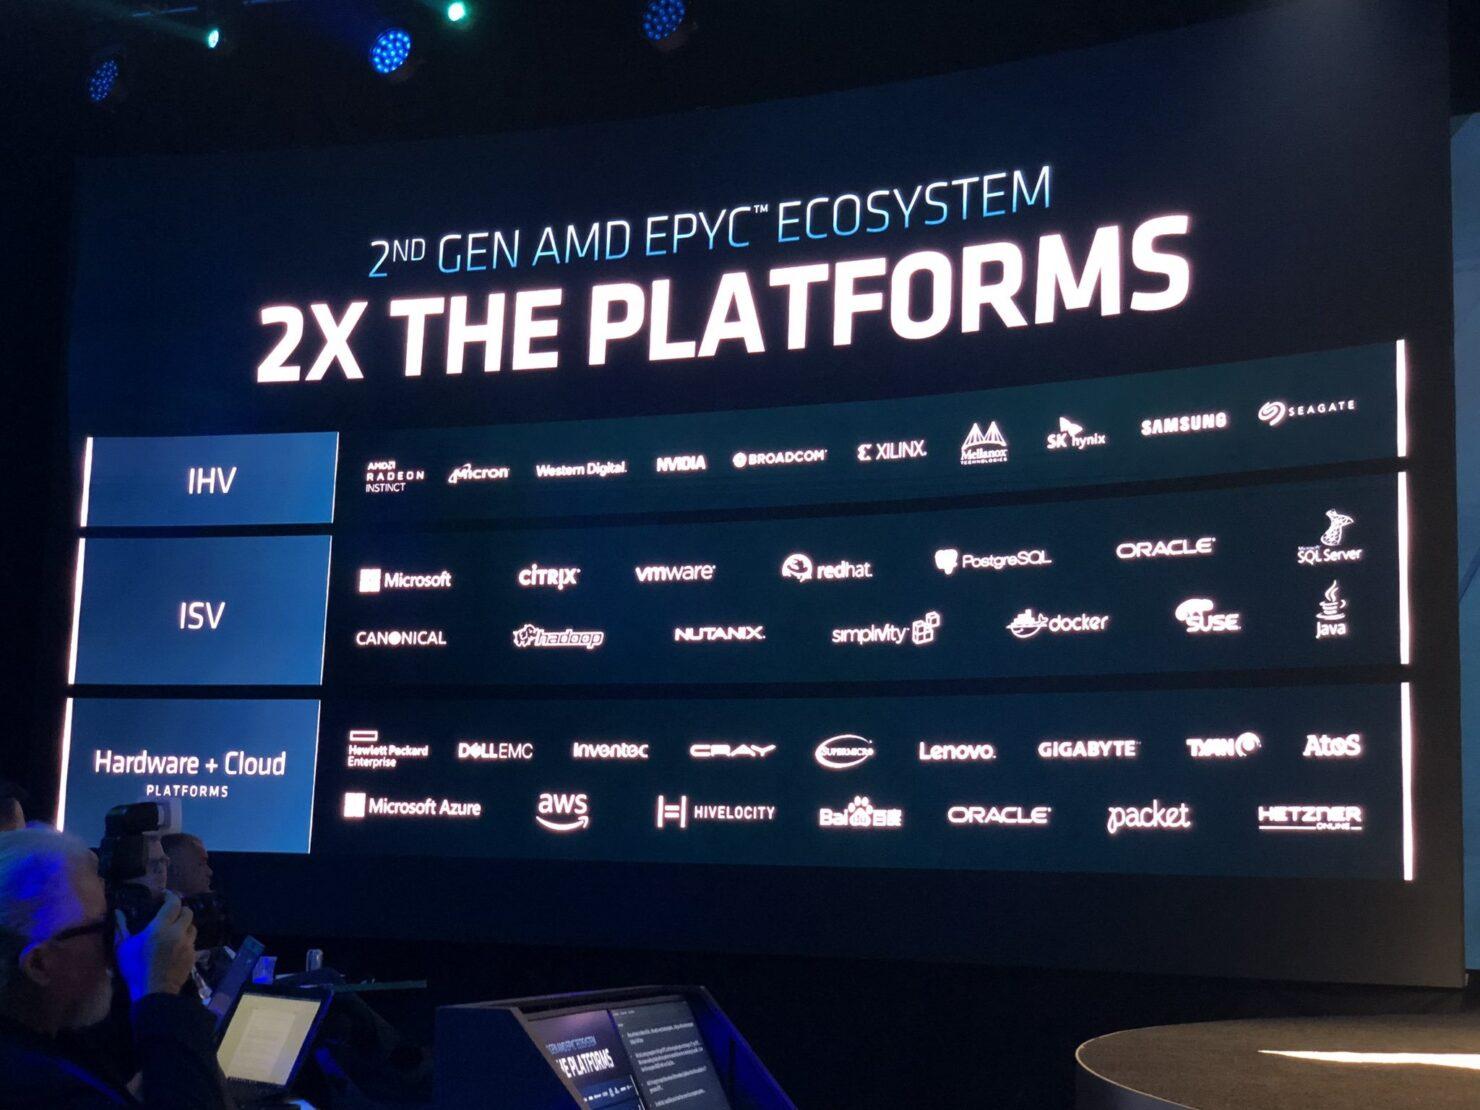 amd-epyc-rome-2nd-gen-platforms